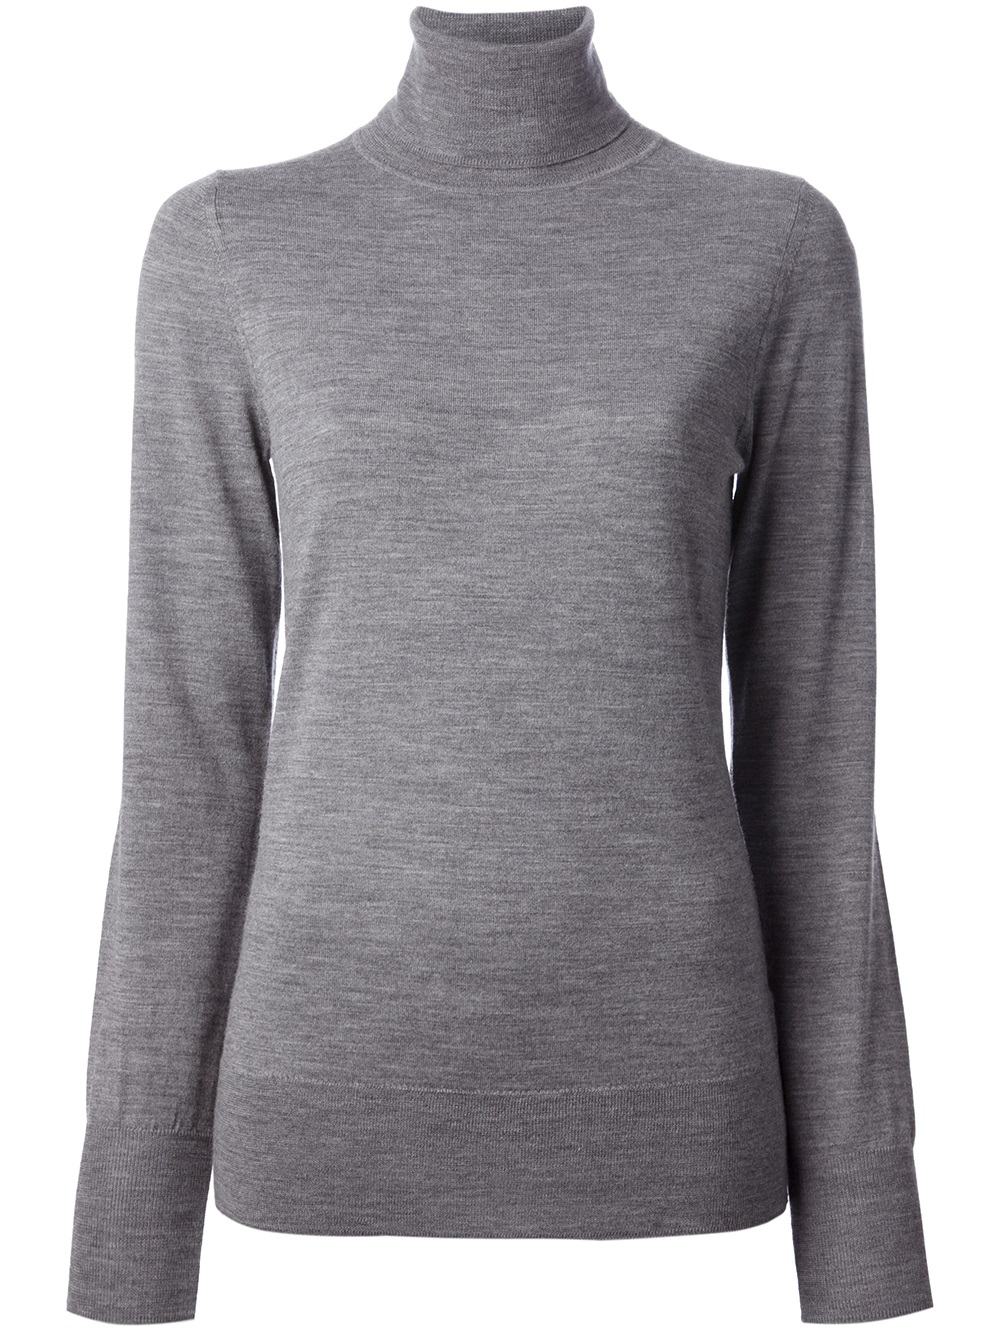 isabel marant pelton turtleneck pullover in gray lyst. Black Bedroom Furniture Sets. Home Design Ideas